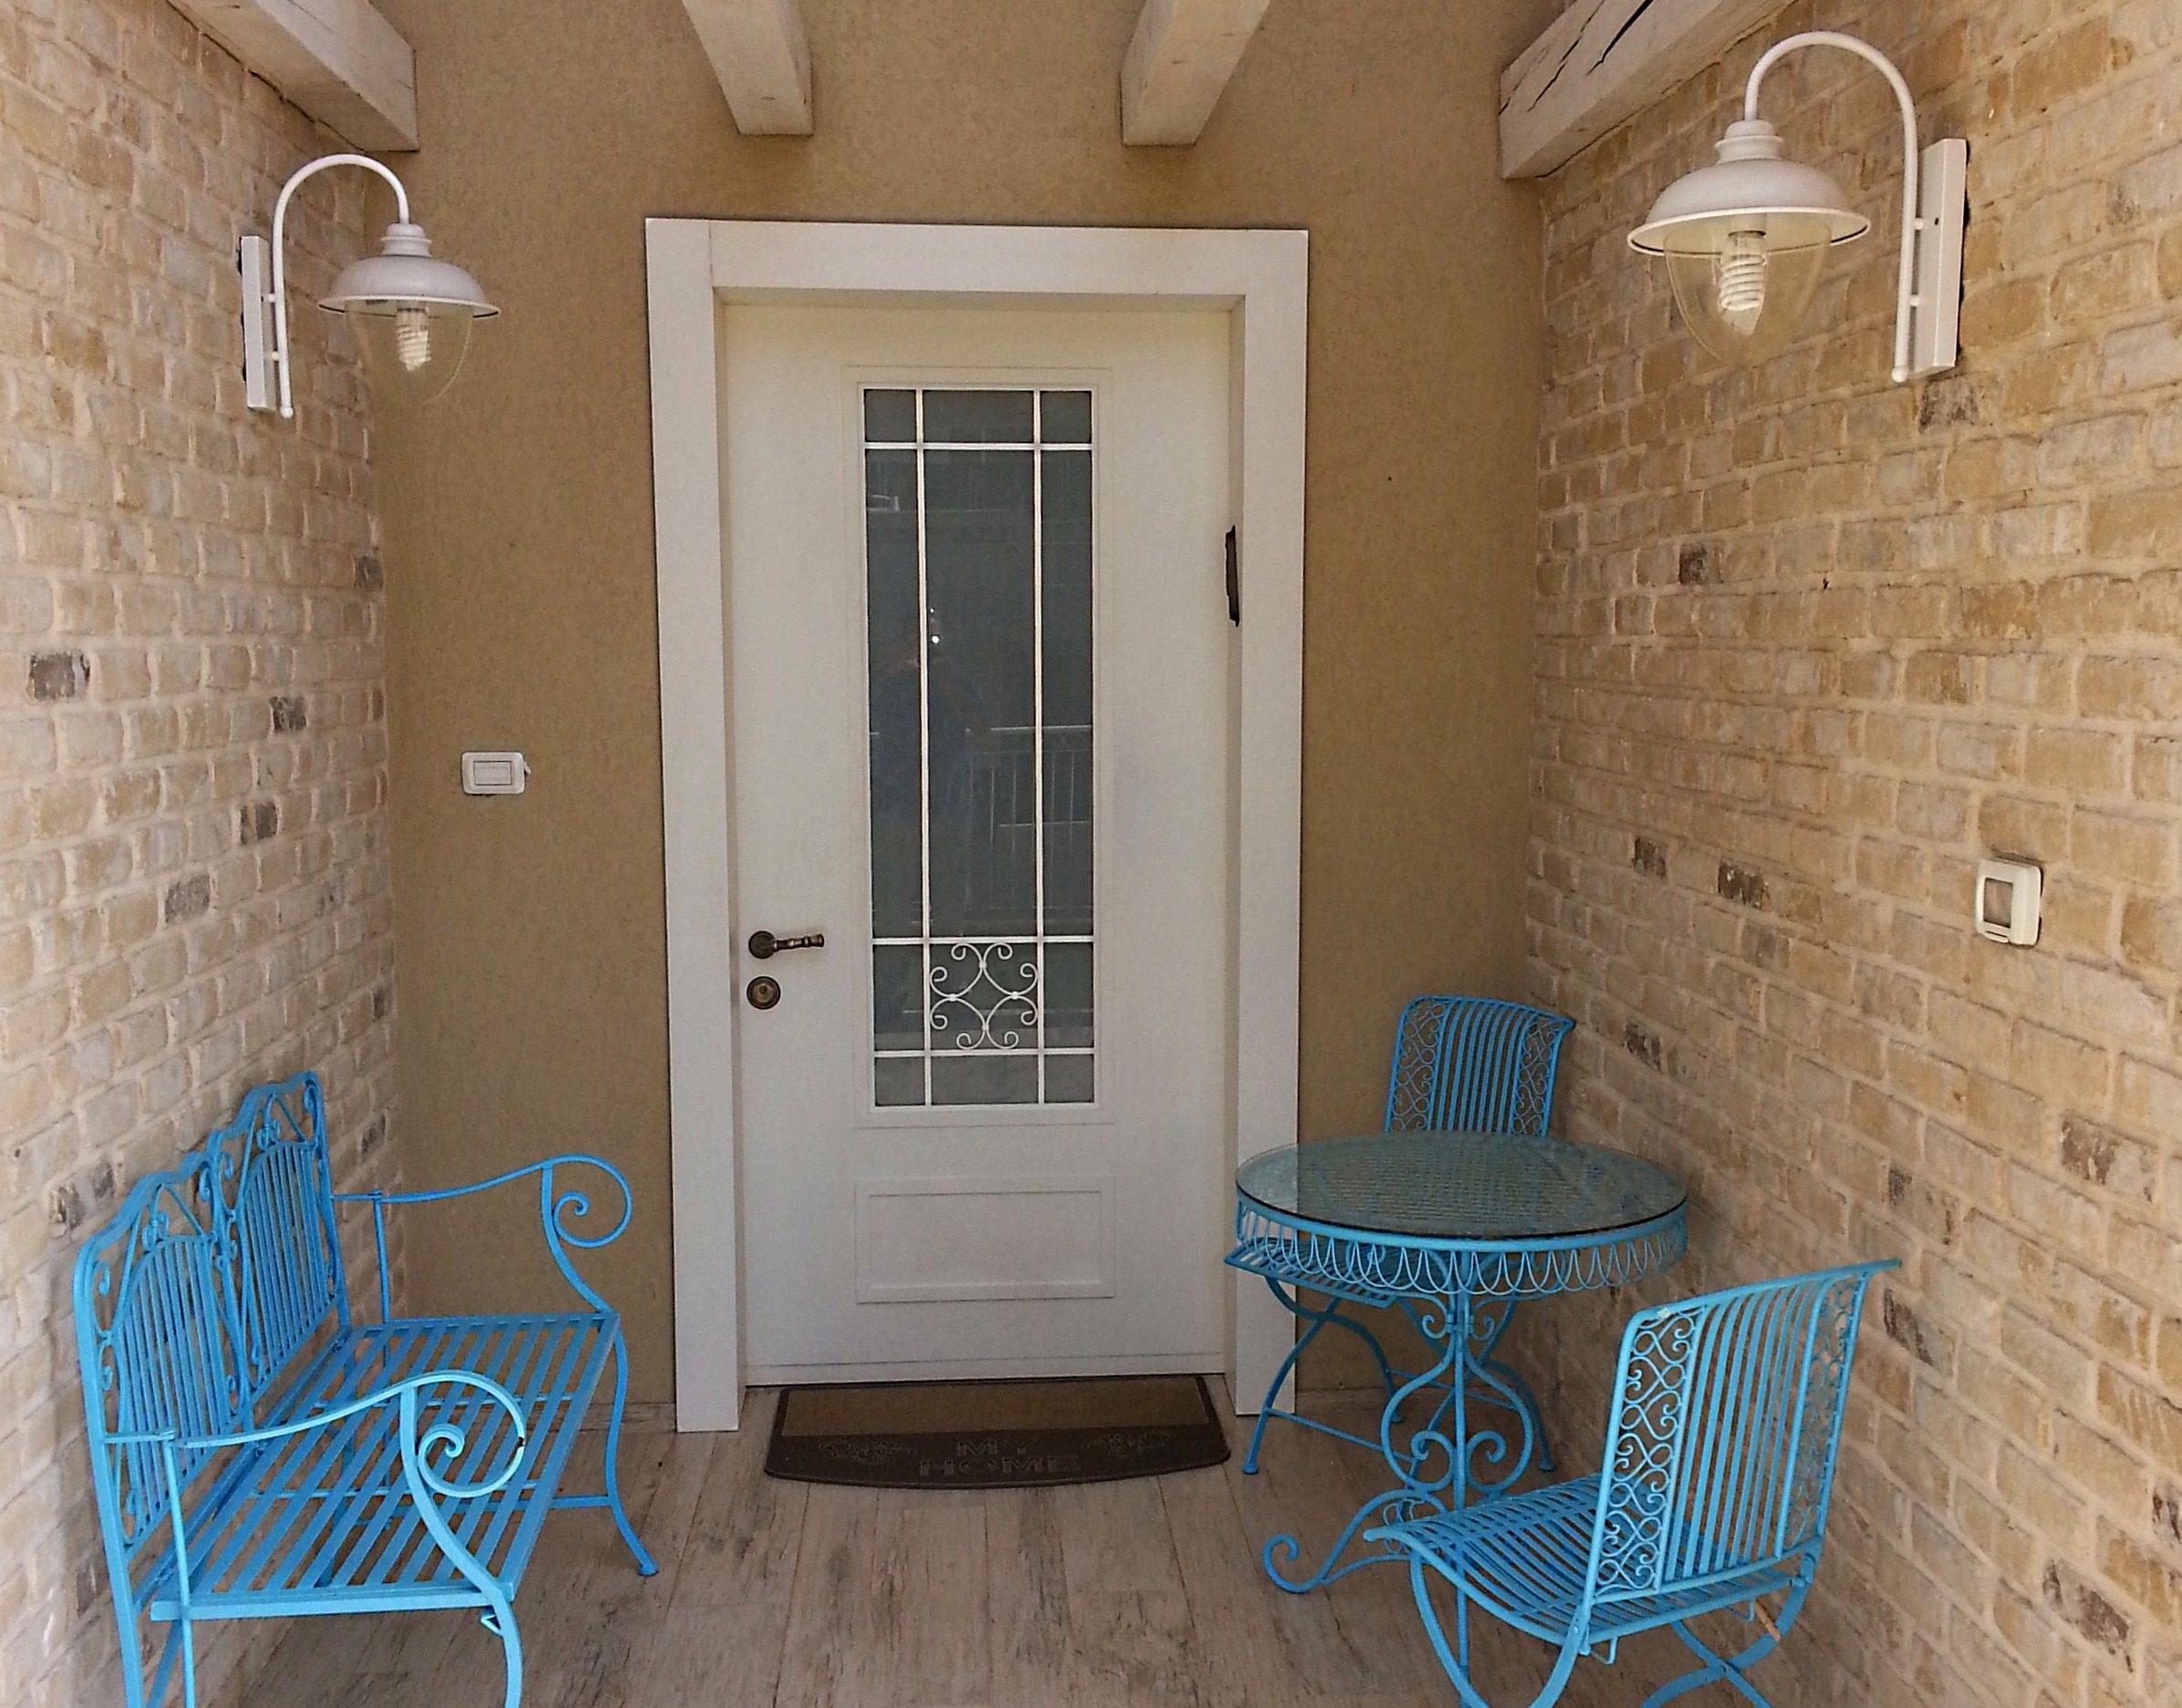 היופי הוא בפשטות. דלת כניסה מבית וריאציה